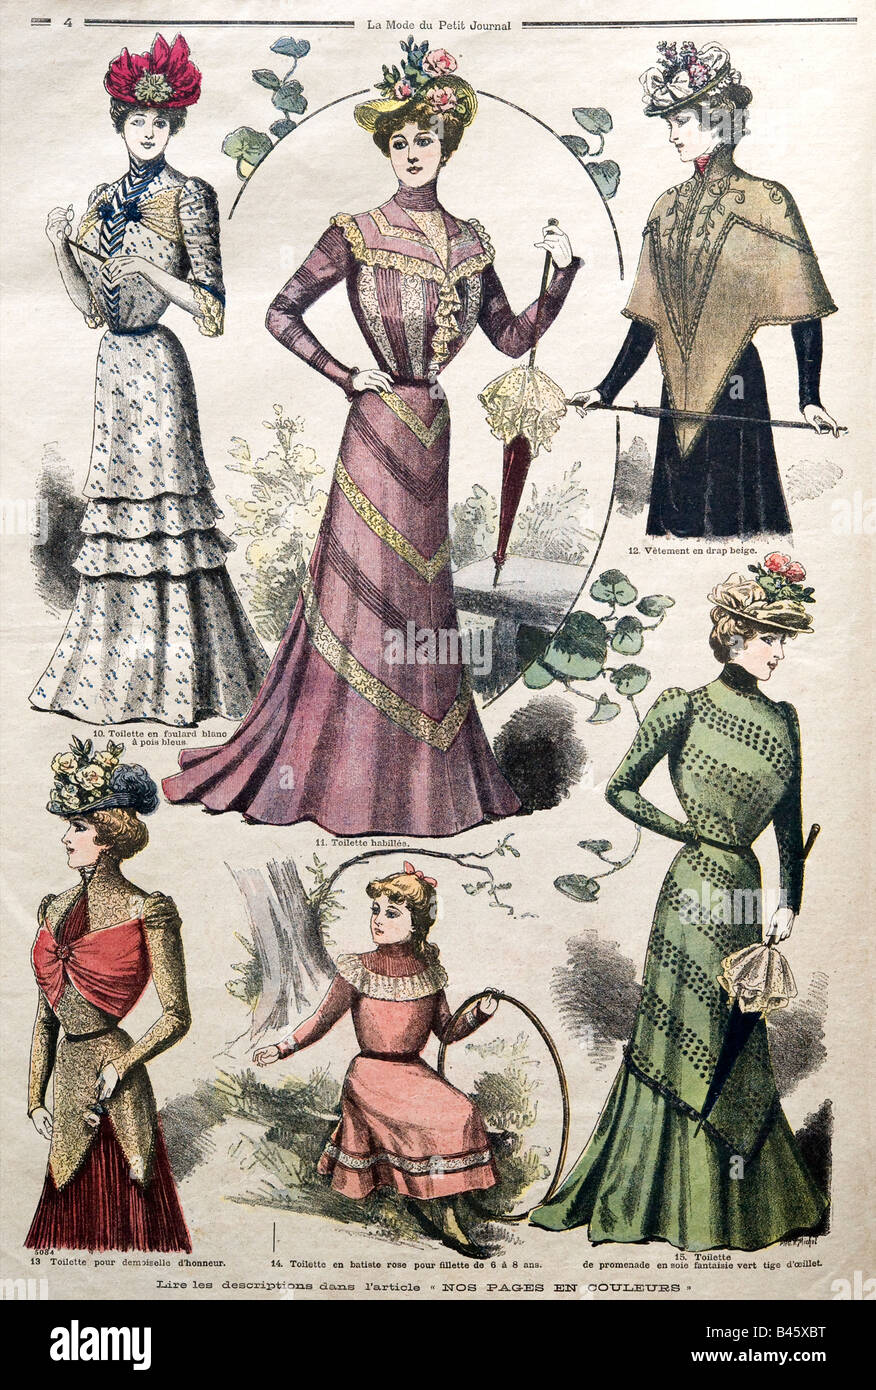 1890er Jahre französische Damenmode von La Mode du Petit Journal 1899 für nur zur redaktionellen Nutzung Stockbild